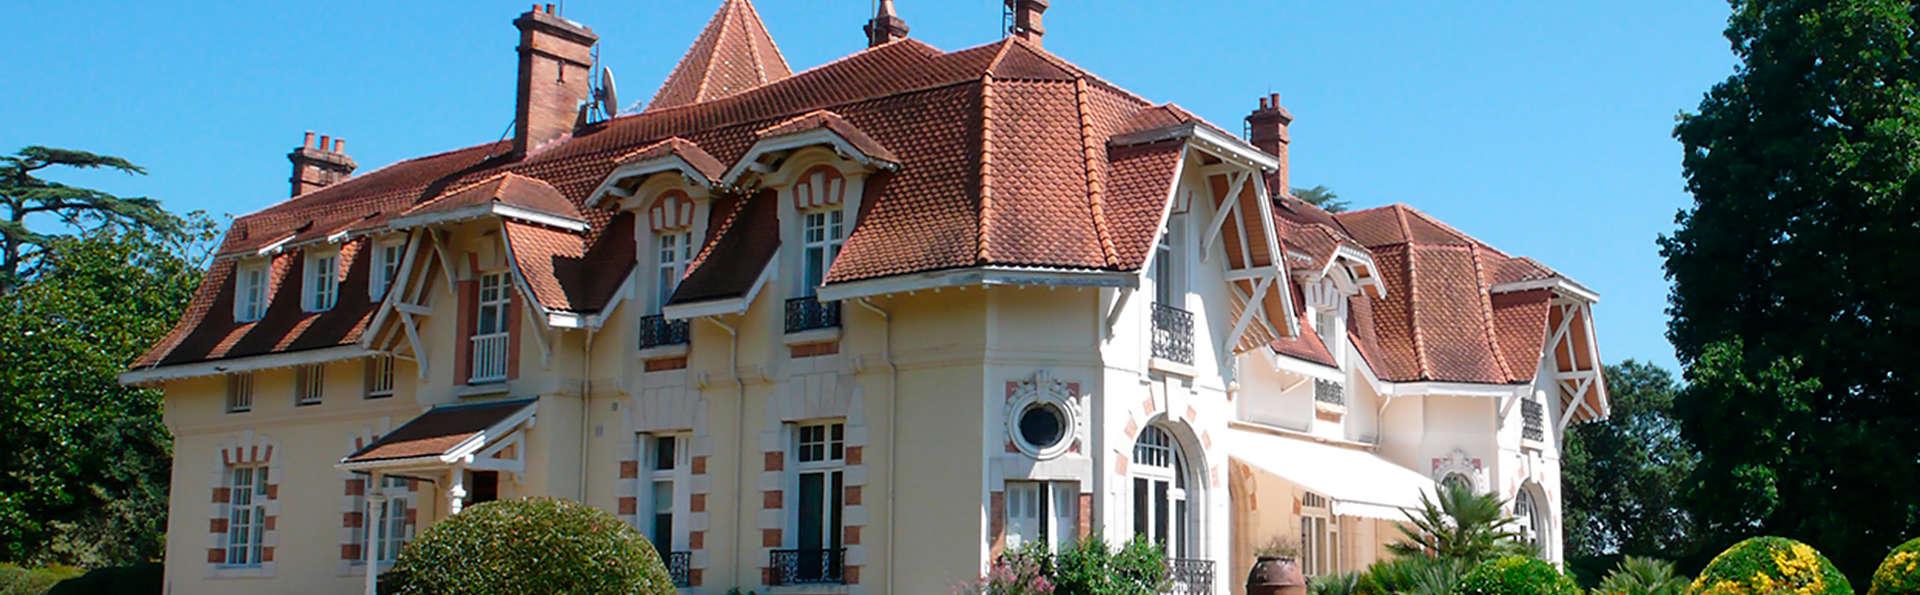 Week-end découverte au Château du Clair de Lune à Biarritz